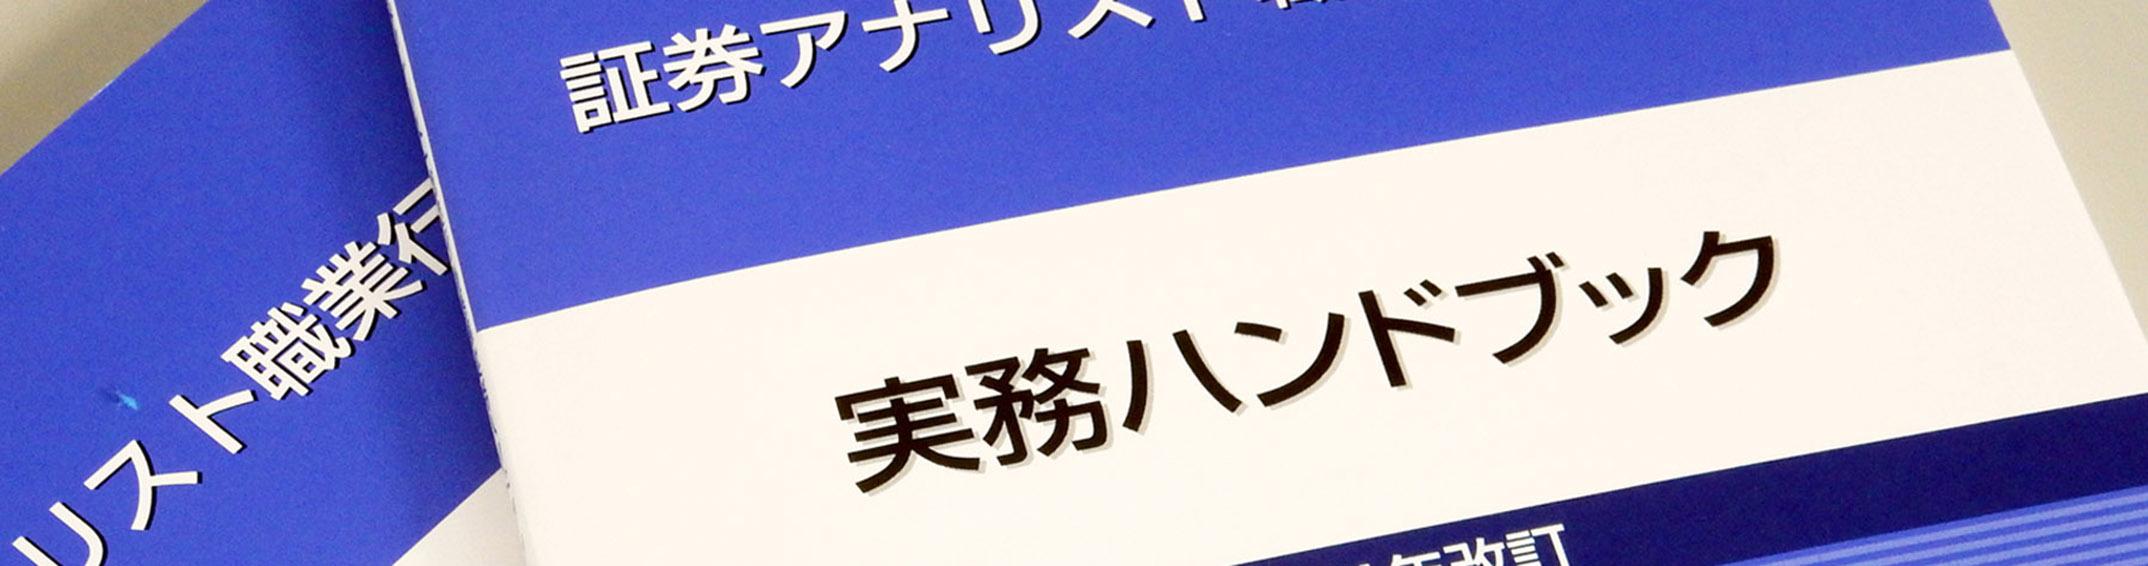 職業倫理 日本証券アナリスト協...